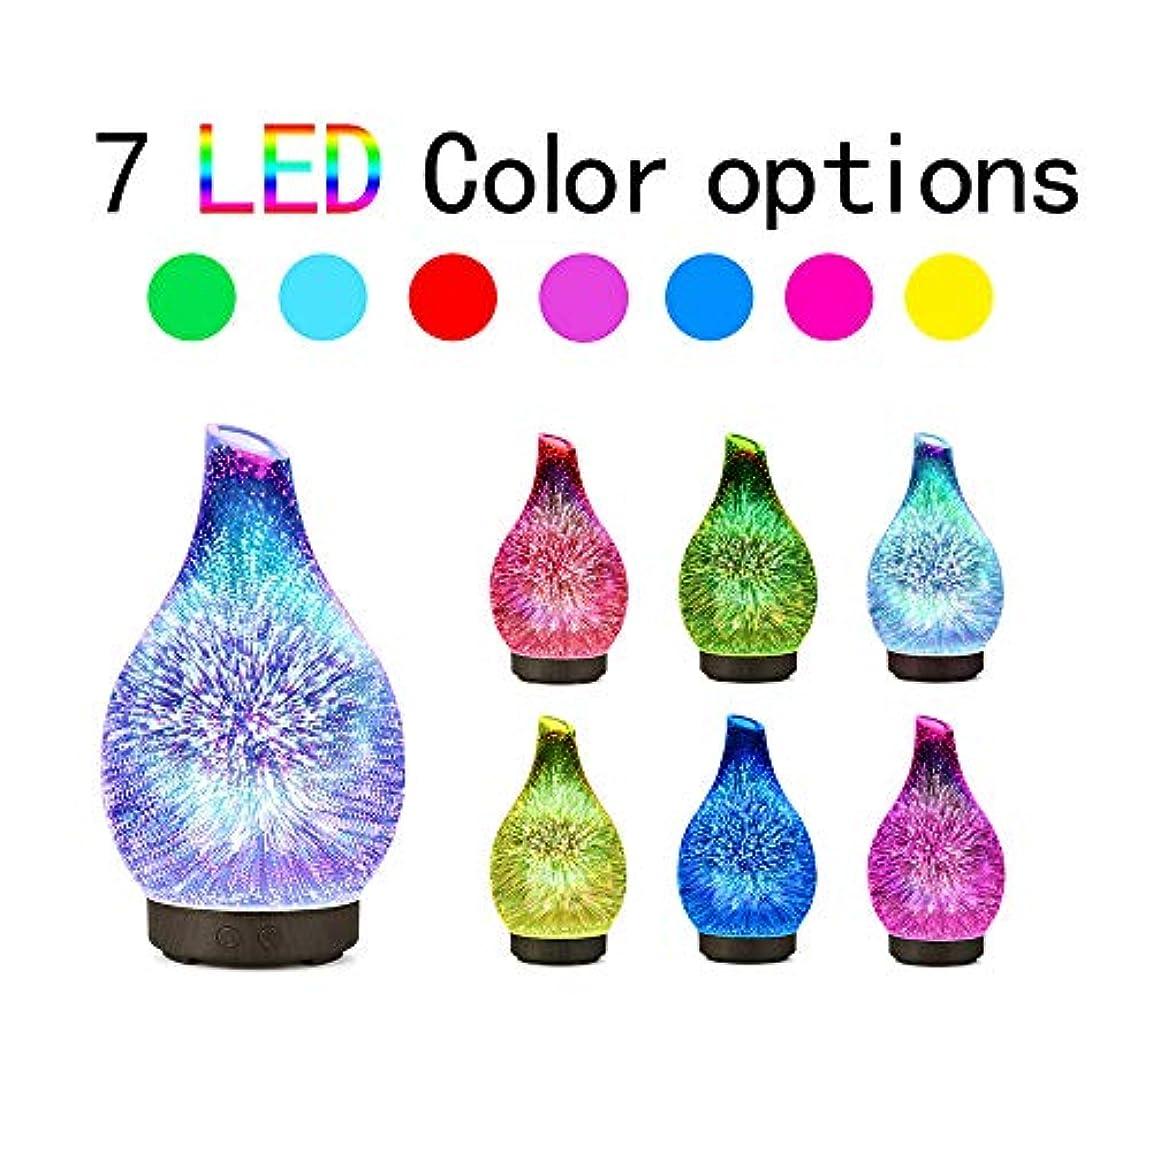 ノイズアルコーブアートDecdeal 100ml 3Dガラス超音波 アロマディフューザー アロマ加湿器 超音波式 7色LEDライト変換 間接照明